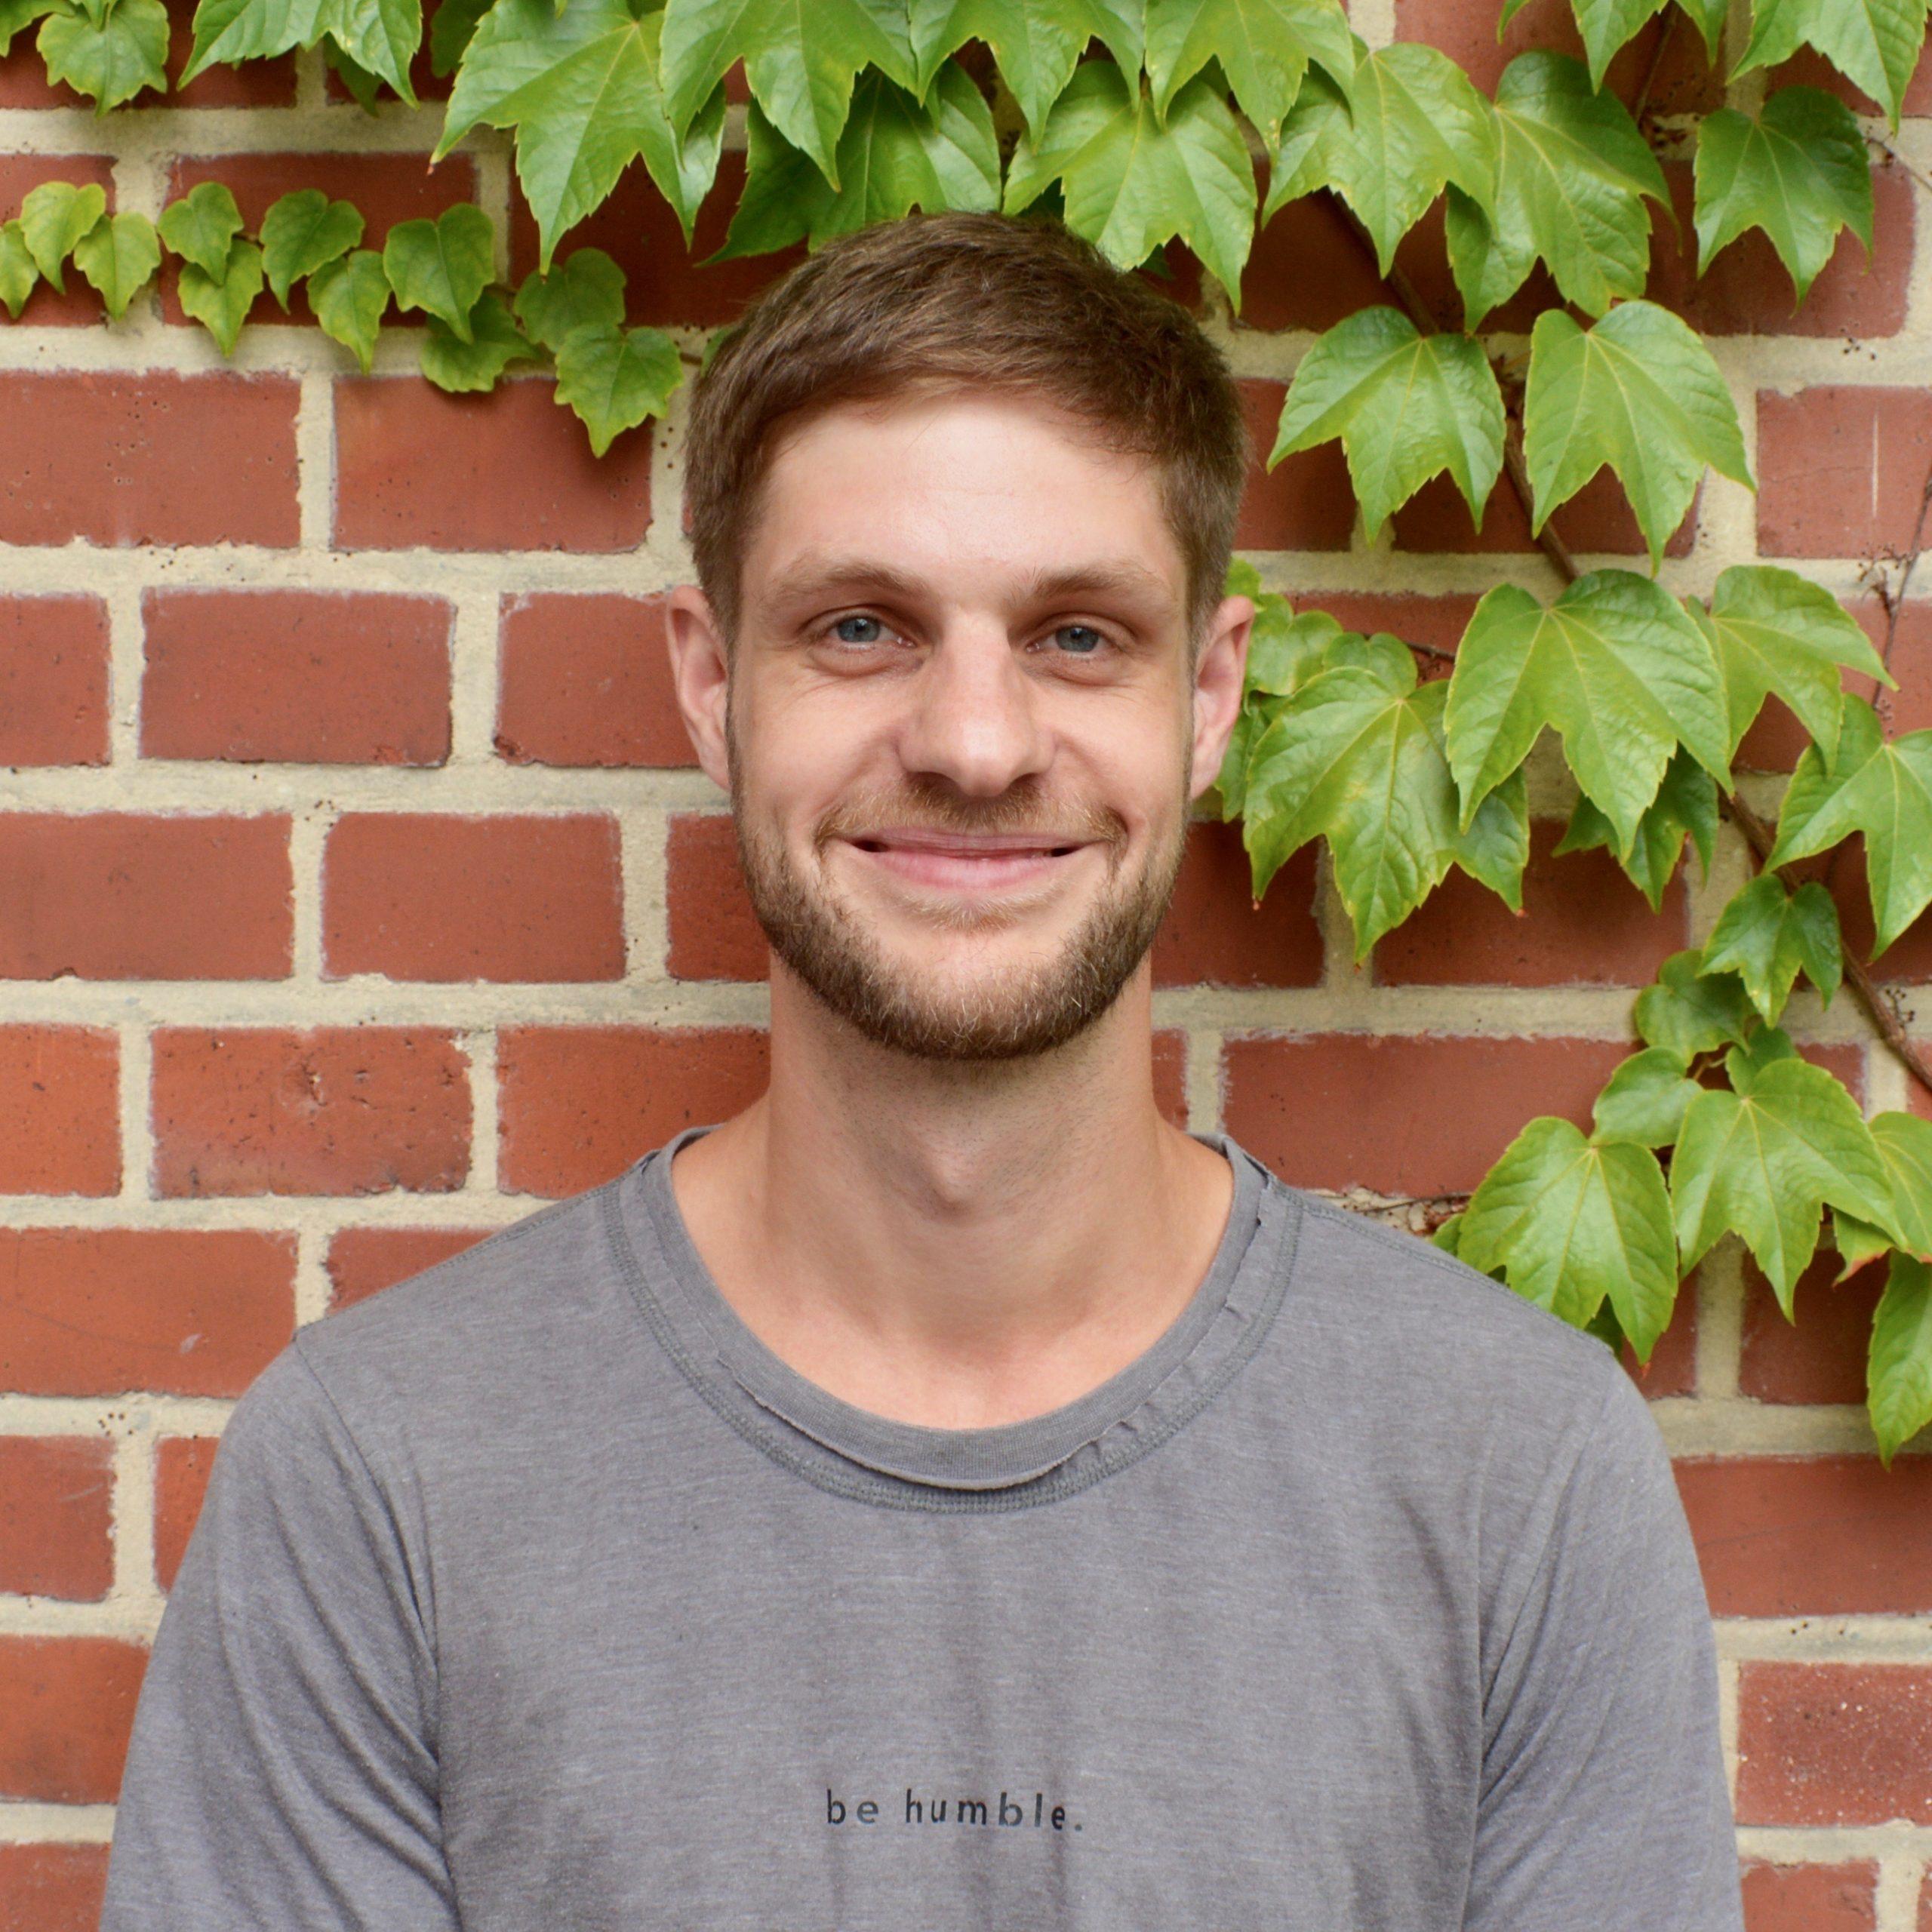 Das Bild zeigt Johann von der Servicestelle Jugendbeteiligung. Er steht vor einer mit Efeu bewachsenen Backsteinwand und lacht in die Kamera. © Servicestelle Jugendbeteiligung e.V., 2020